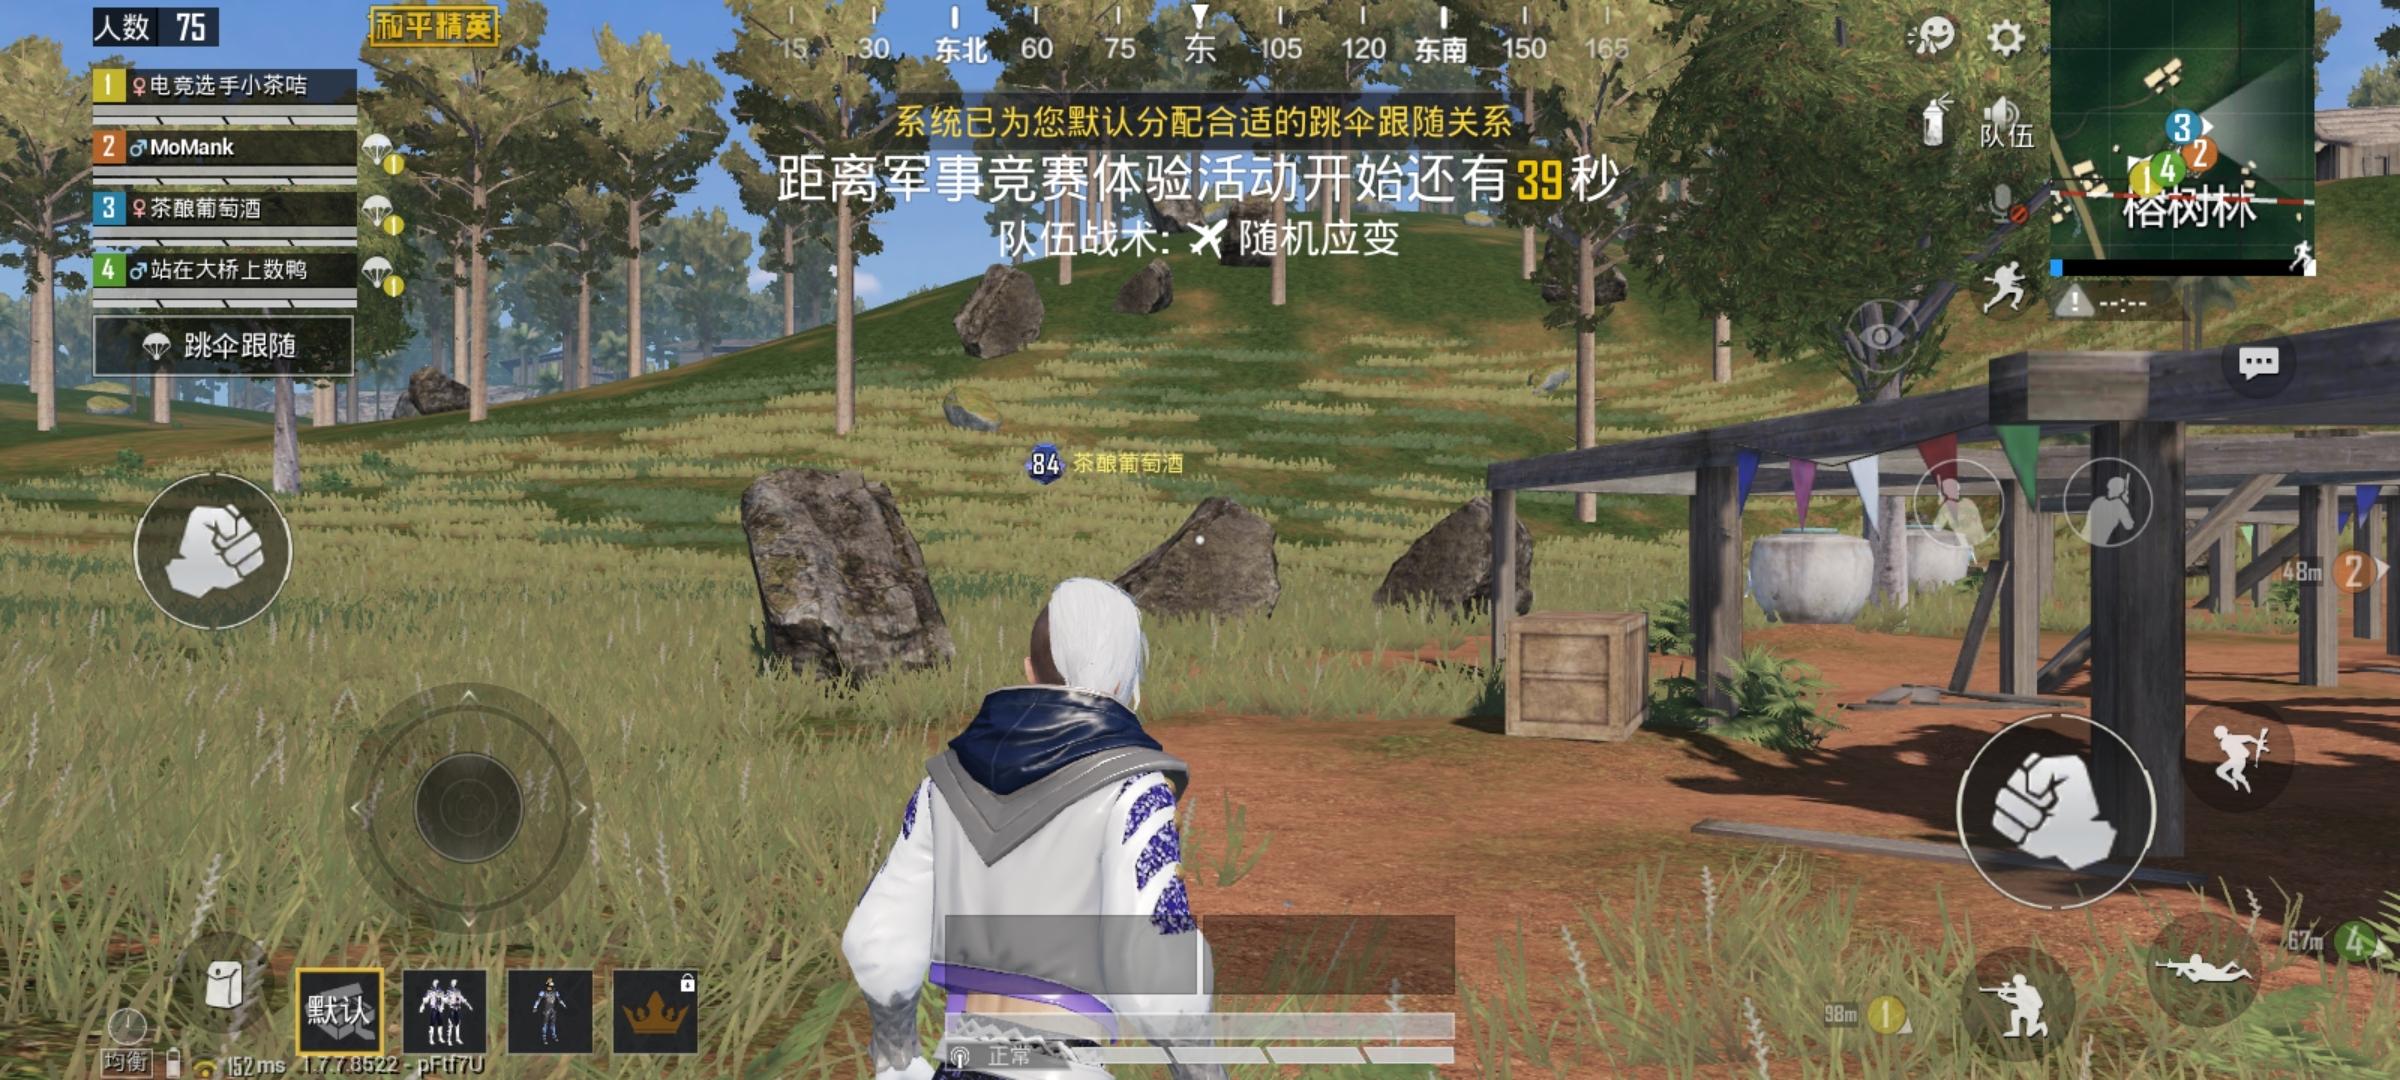 Screenshot_20200520_162636_com.tencent.tmgp.pubgmhd.jpg